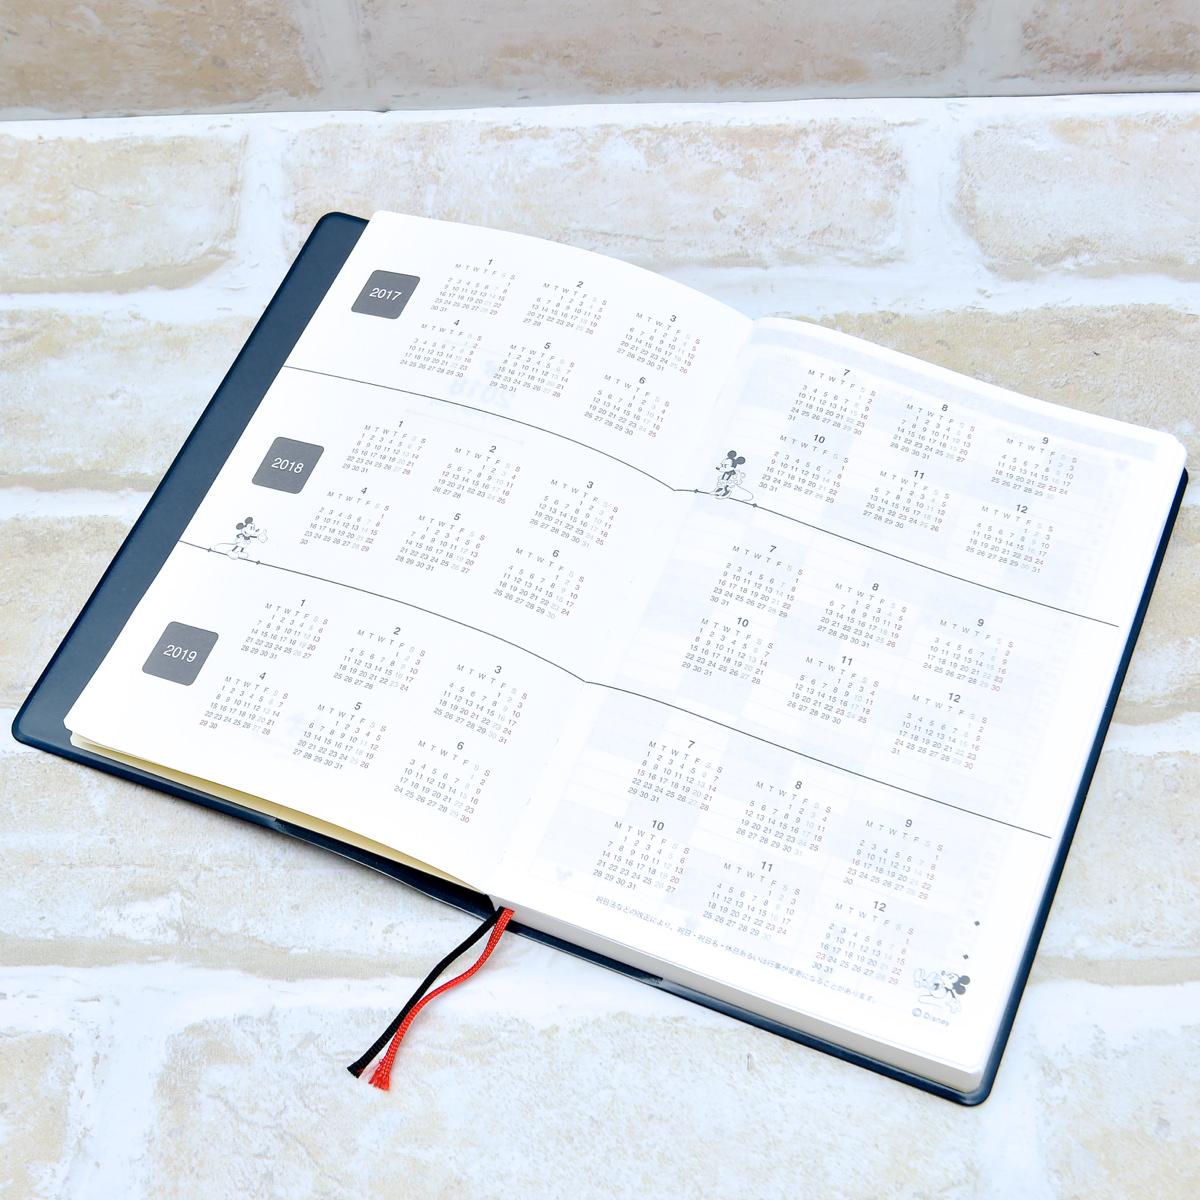 ダイゴー ディズニーデザイン 1日1ページ手帳カレンダー